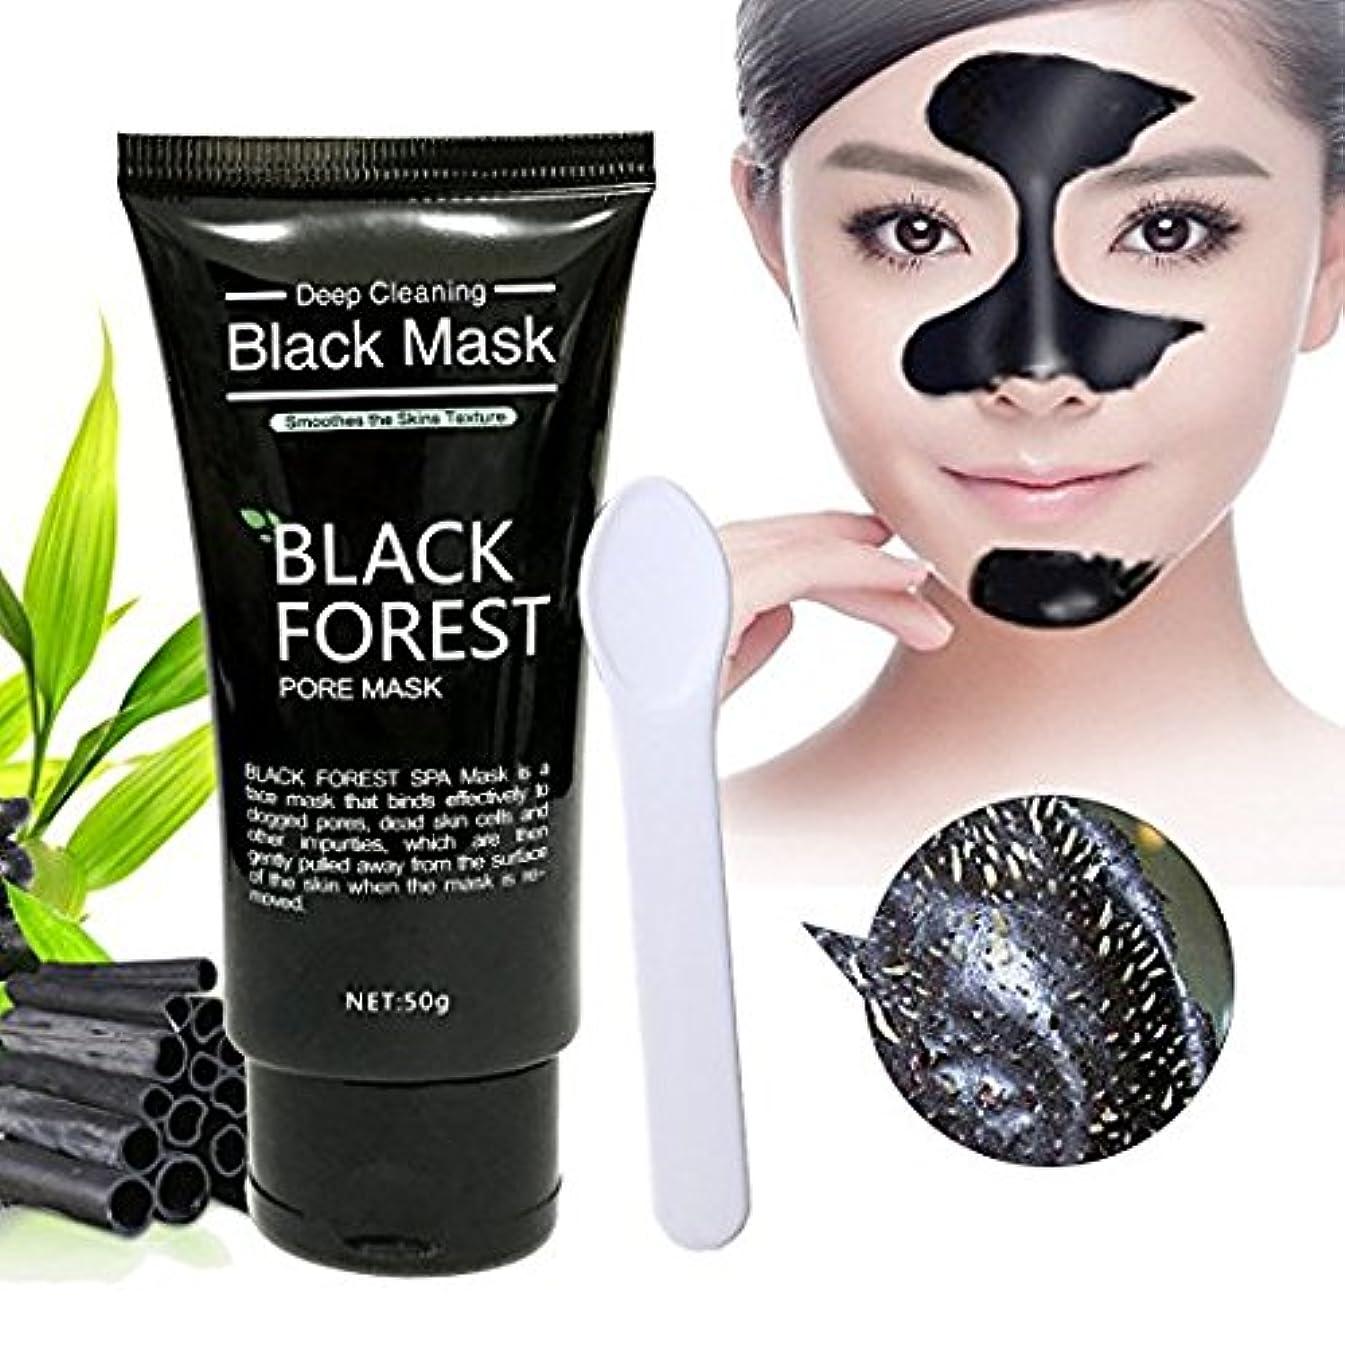 可動独裁簿記係Blackhead Remover Mask, Black Forest Spa-Peel Off Black Head Acne Treatments,Face Cleaning Mask+Spoon